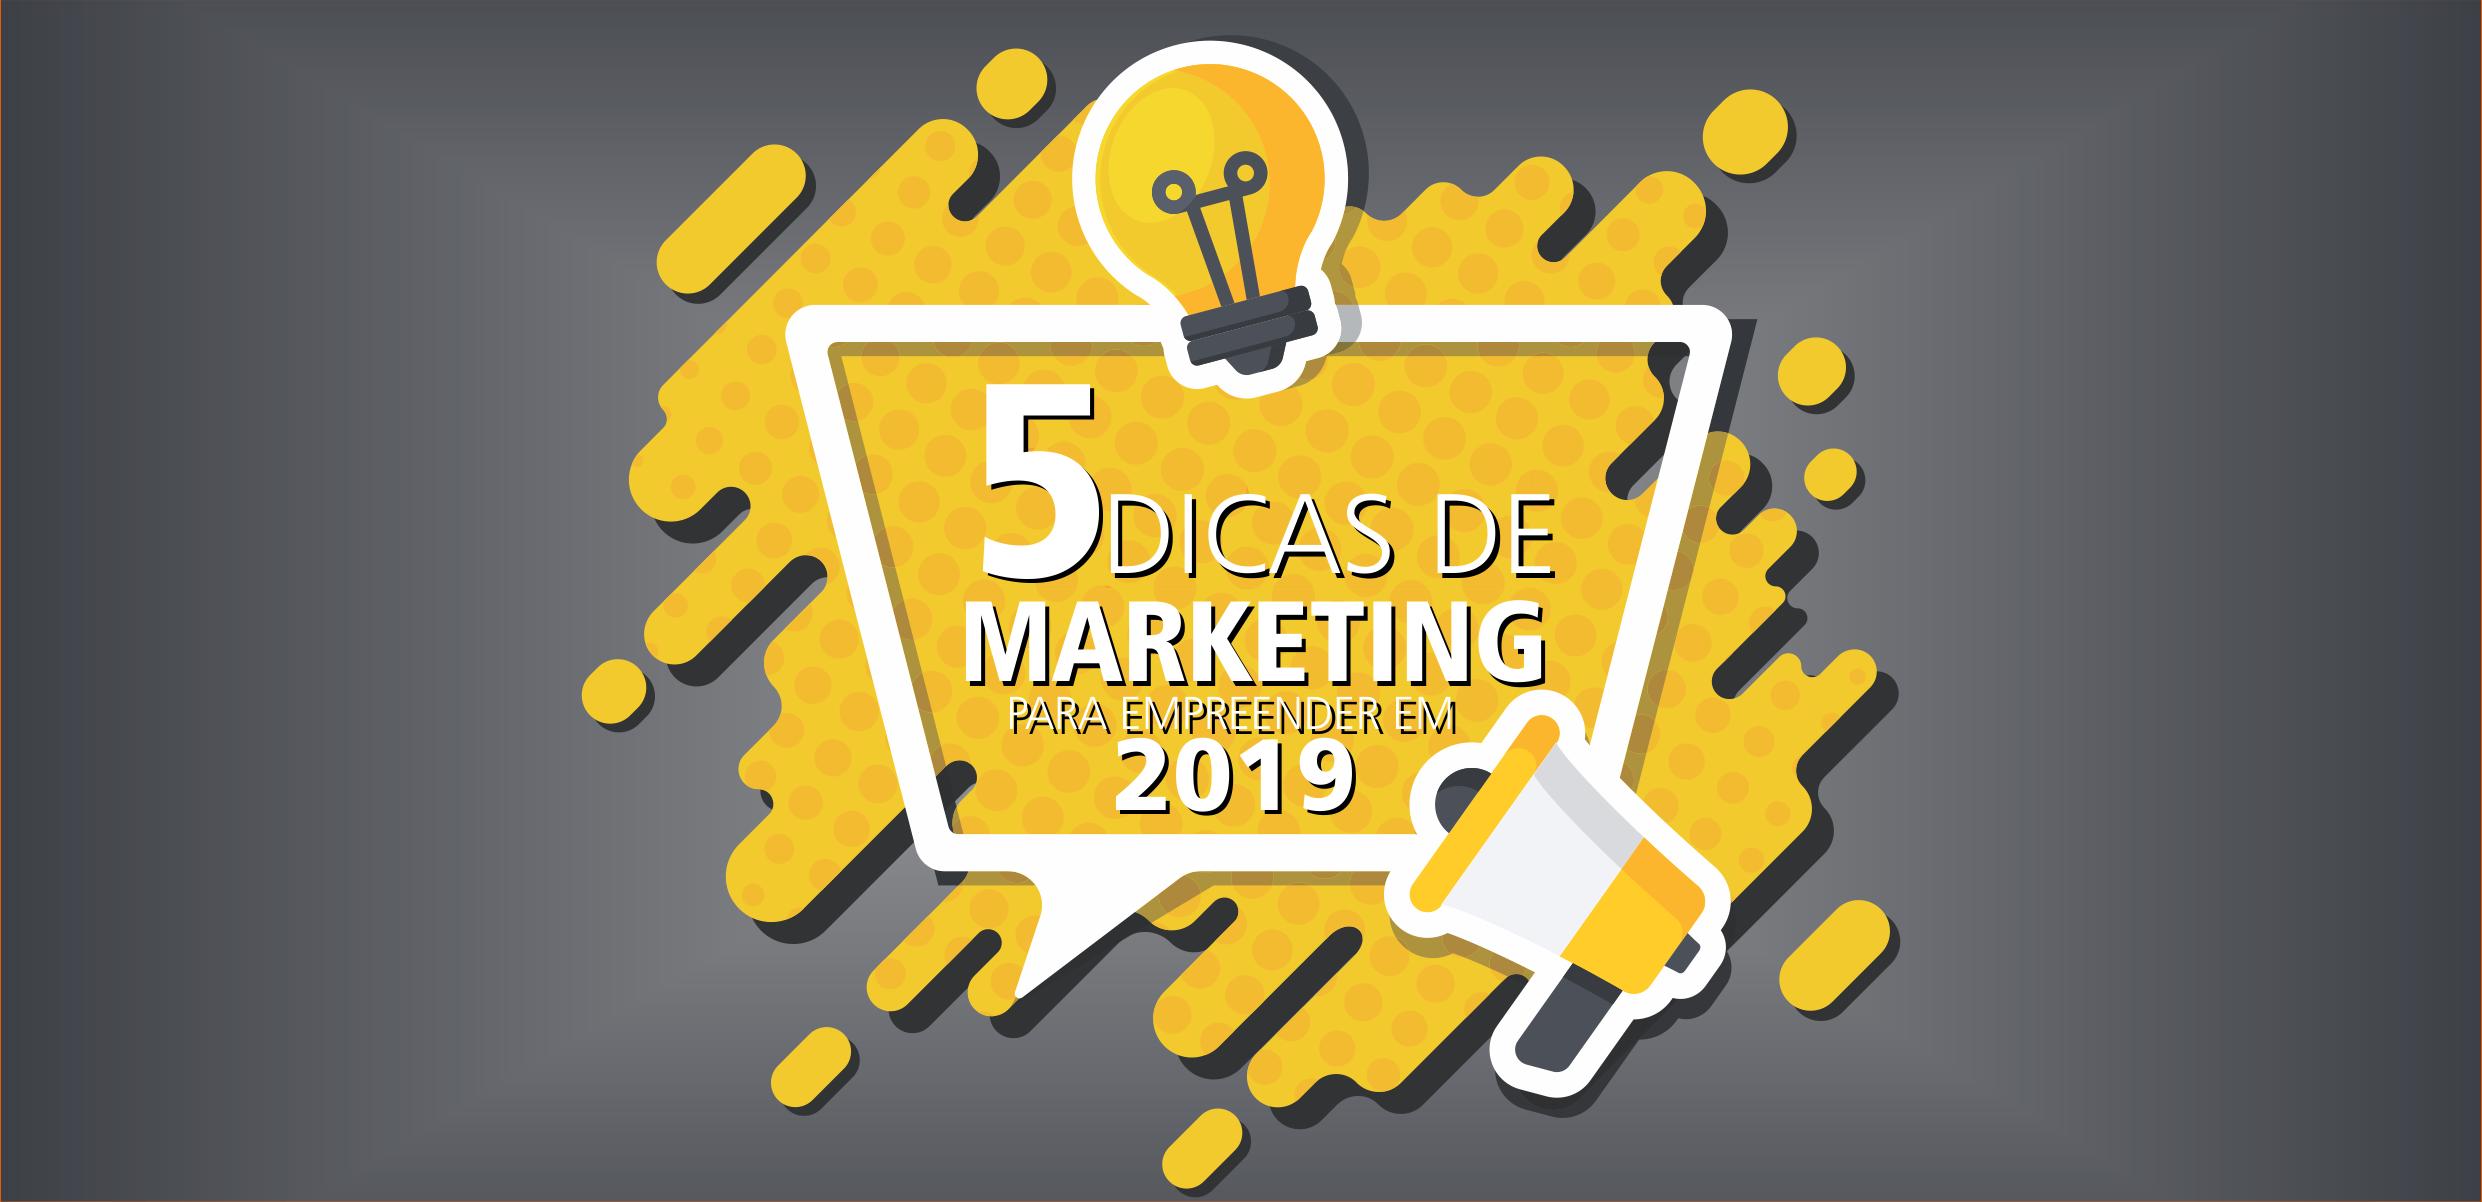 5 Dicas de Marketing para Empreender em 2019